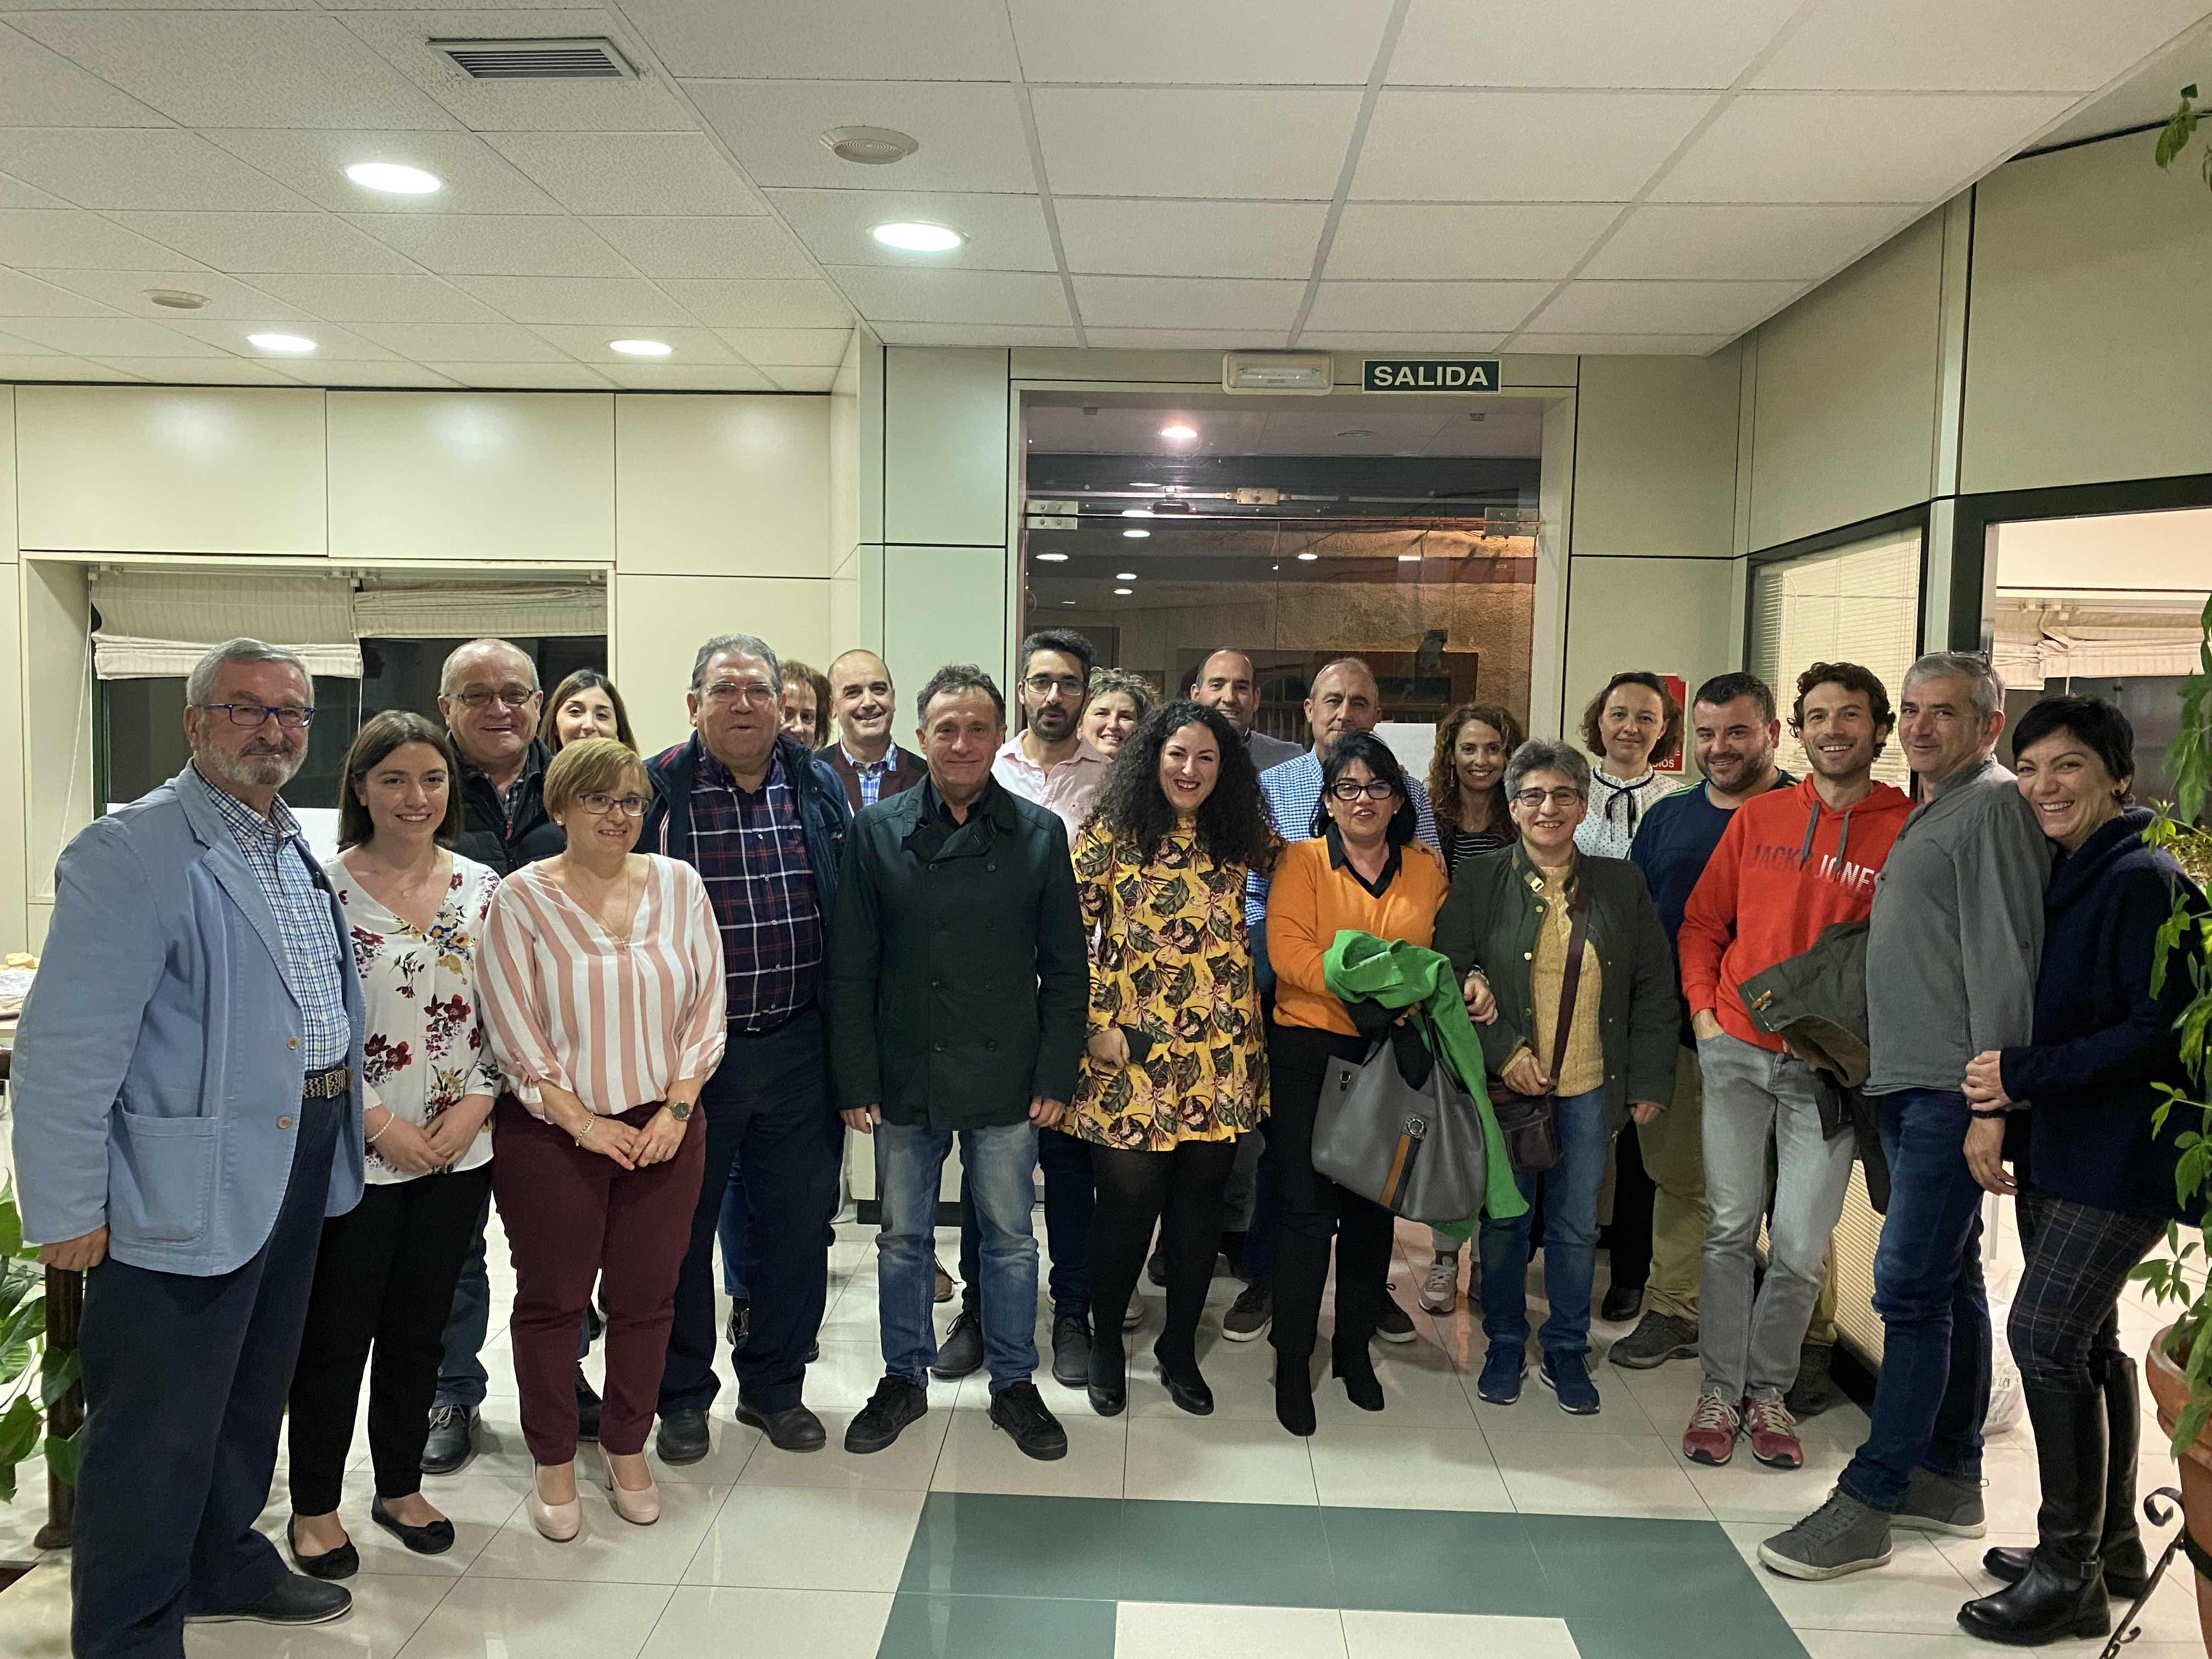 Segovia y Asociados Consultores acogió la primera edición de Sonseca Actúa